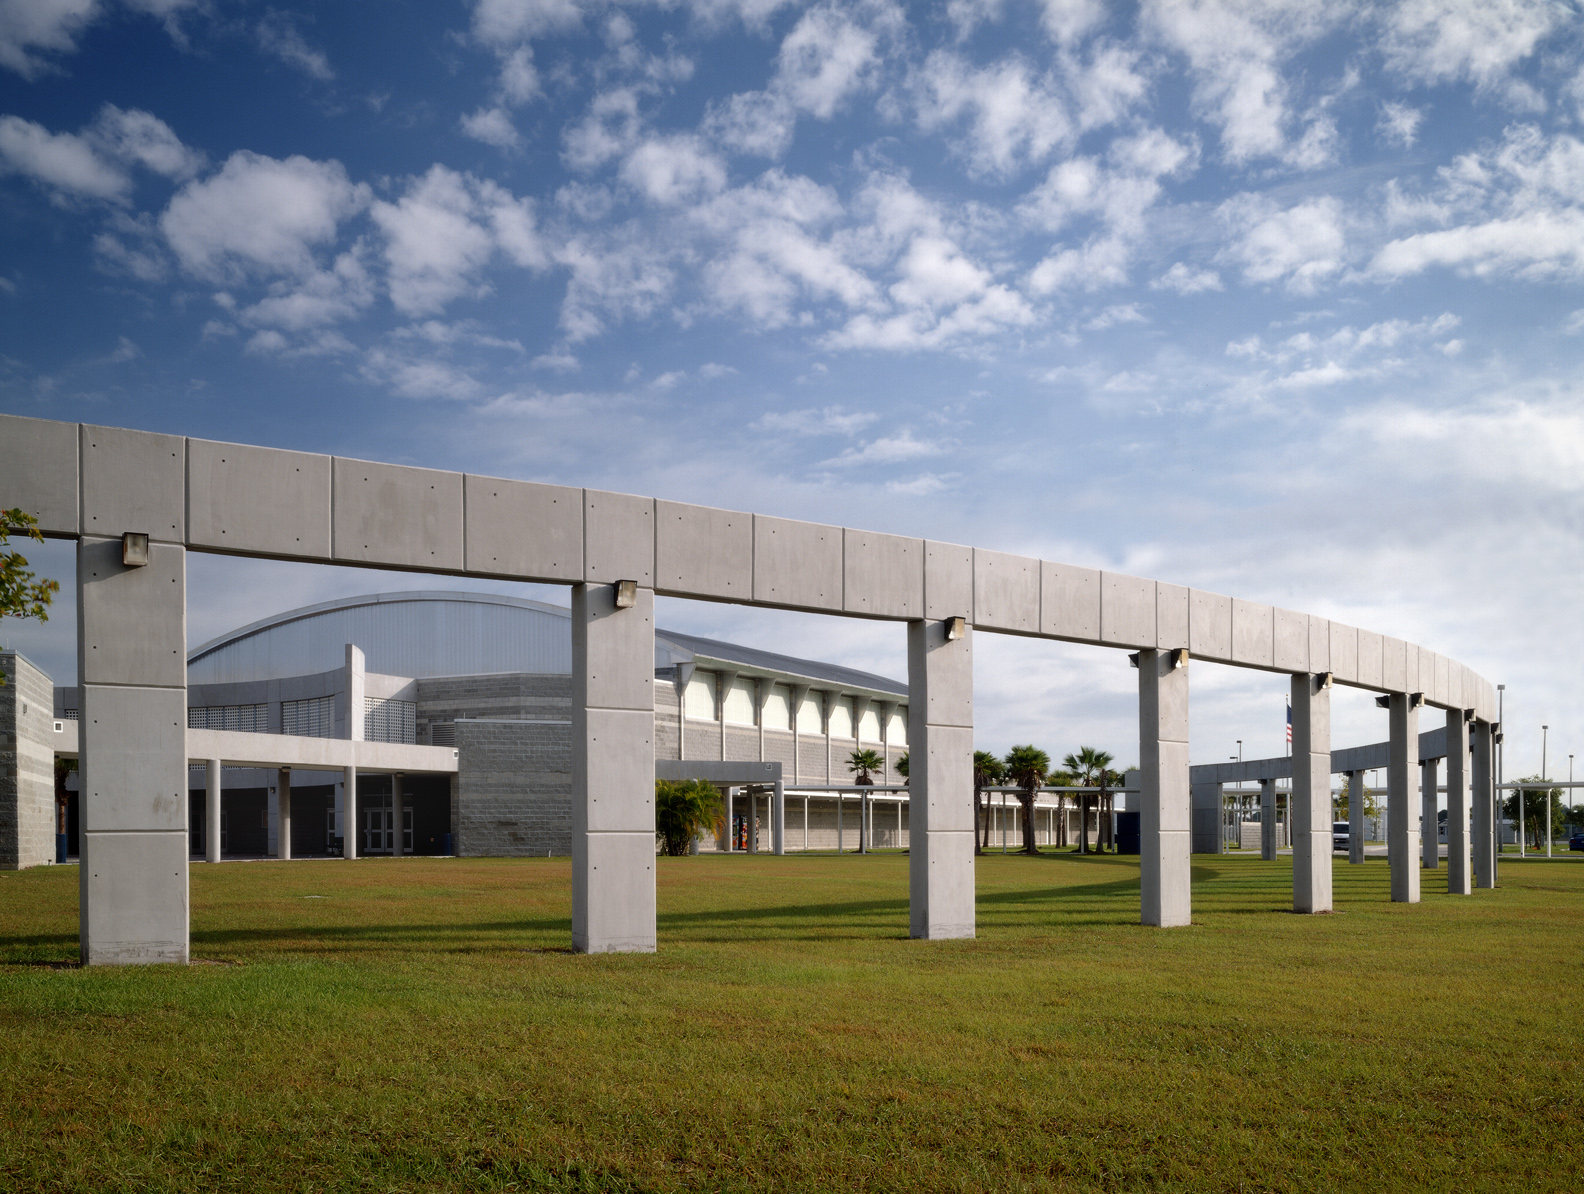 Contemporary School Architecture